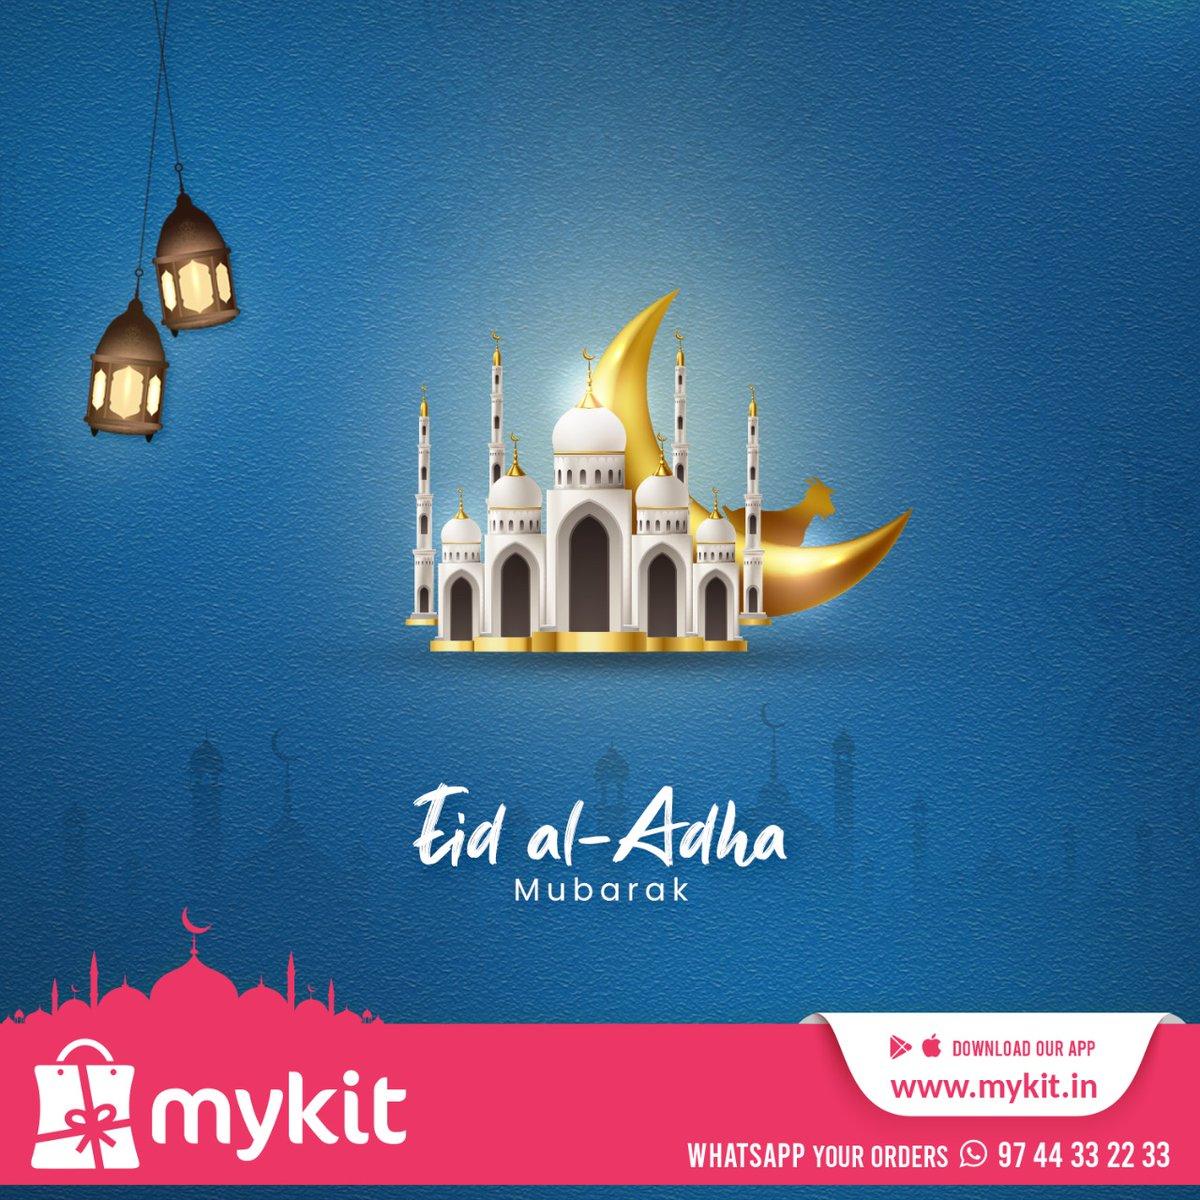 Eid al-Adha Mubarak  #eidmubarak #eid #eidaladhamubarak #happyeid #eidwishes #mykit #kannur https://t.co/hSVpEdMD45